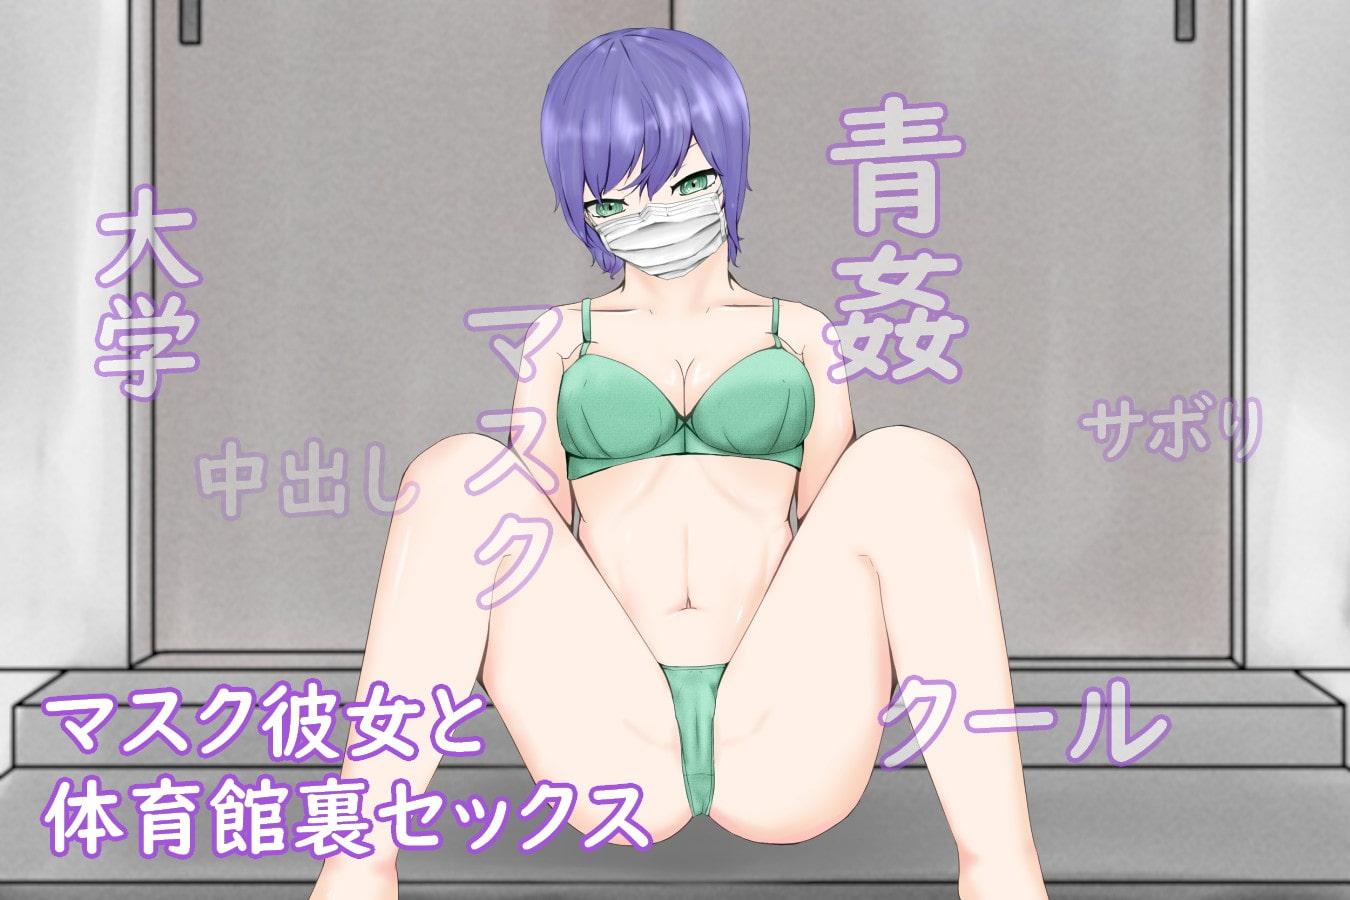 SchoolTimeMaskGirl~美大のずっとマスクしている彼女と体育館裏で青姦~